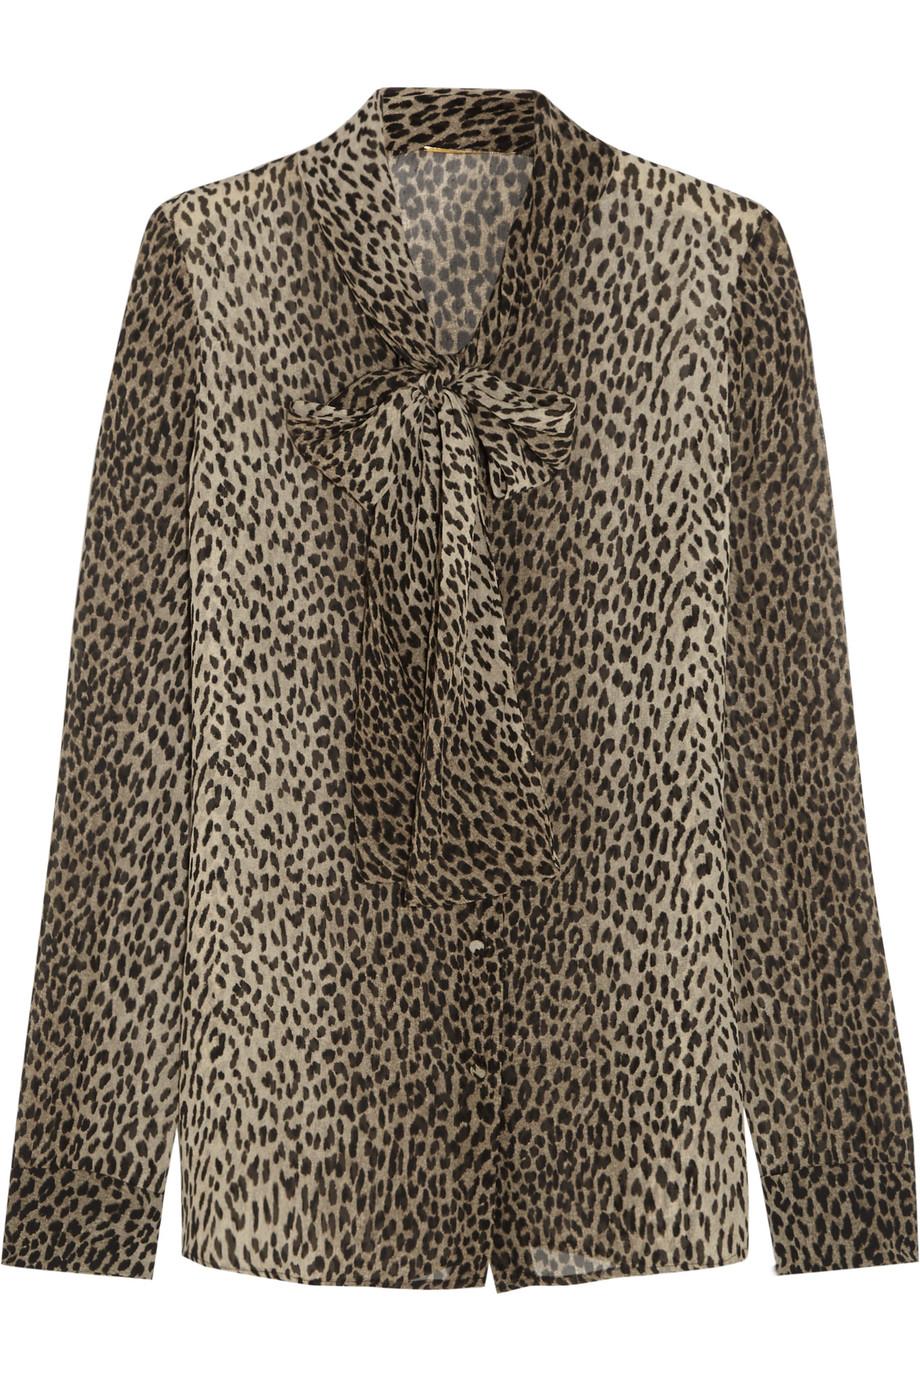 Saint Laurent Pussy-Bow Leopard-Print Silk-Georgette Shirt, Leopard Print, Women's, Size: 42